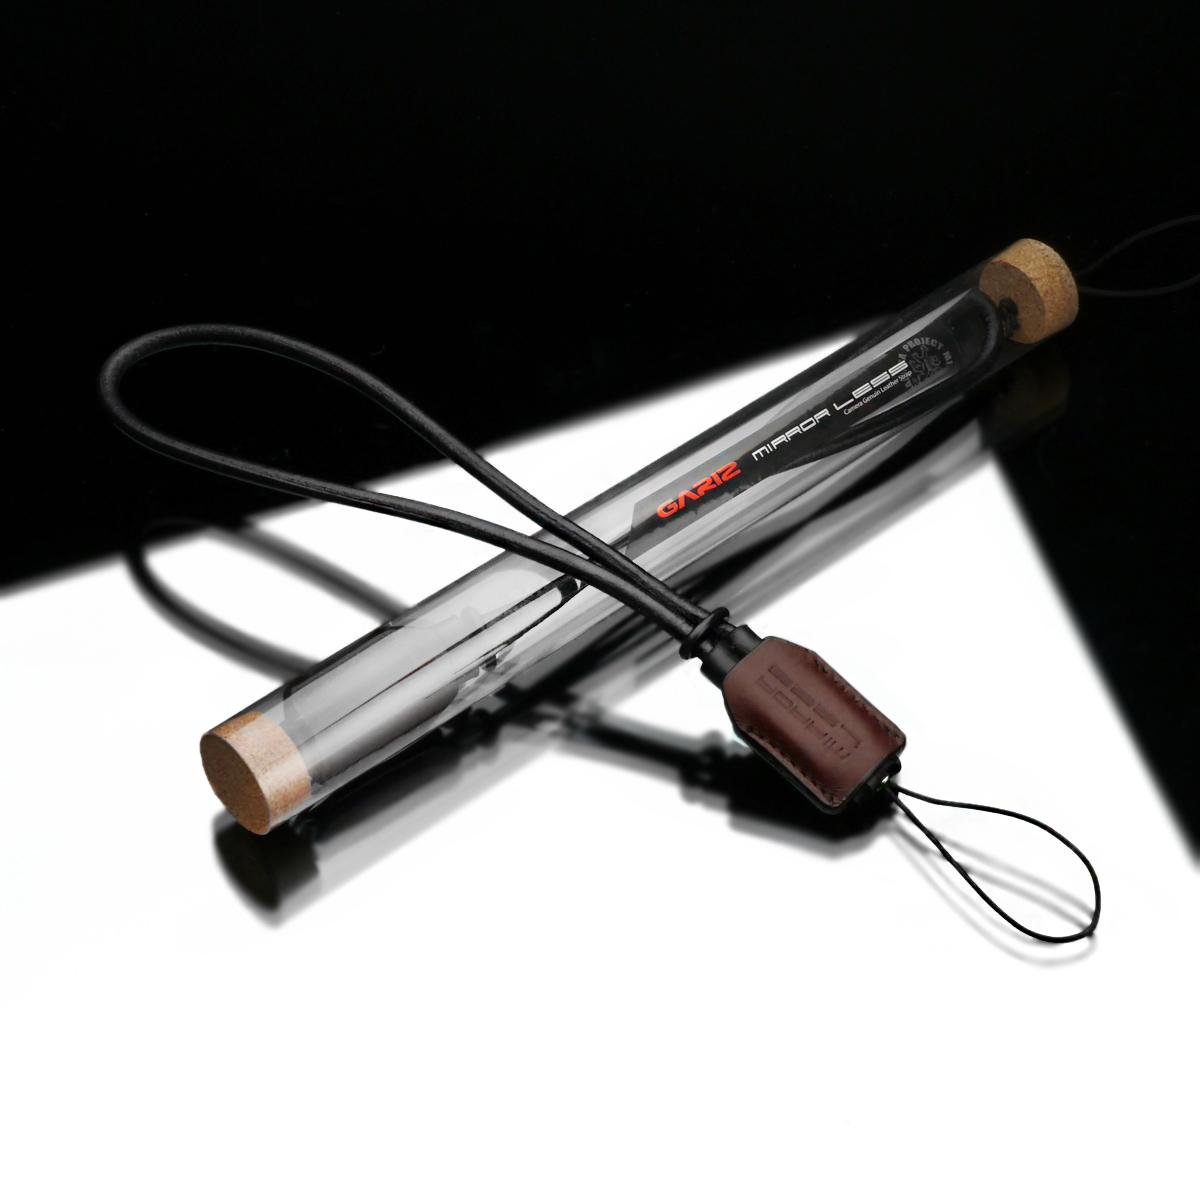 GARIZ 本革カメラリストストラップ XS-WSL2 ブラウン